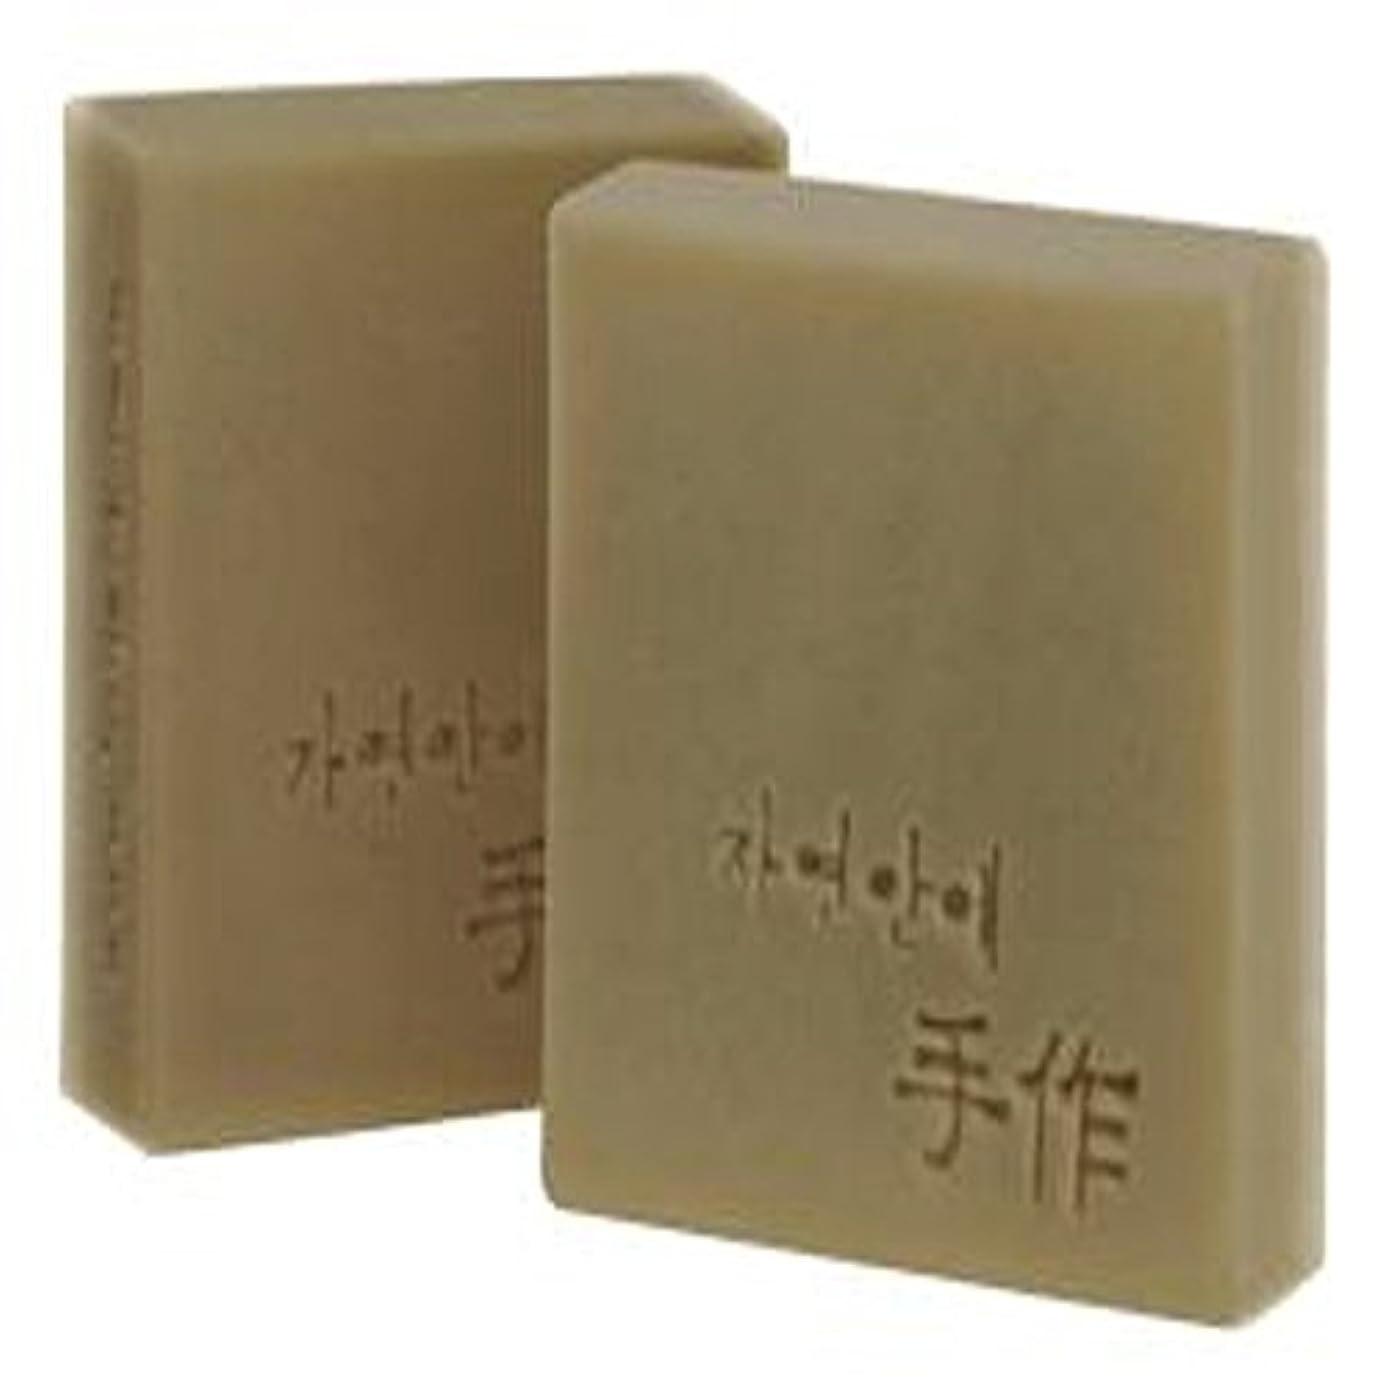 スポンサーアスリート適用するNatural organic 有機天然ソープ 固形 無添加 洗顔せっけんクレンジング 石鹸 [並行輸入品] (オートミール)